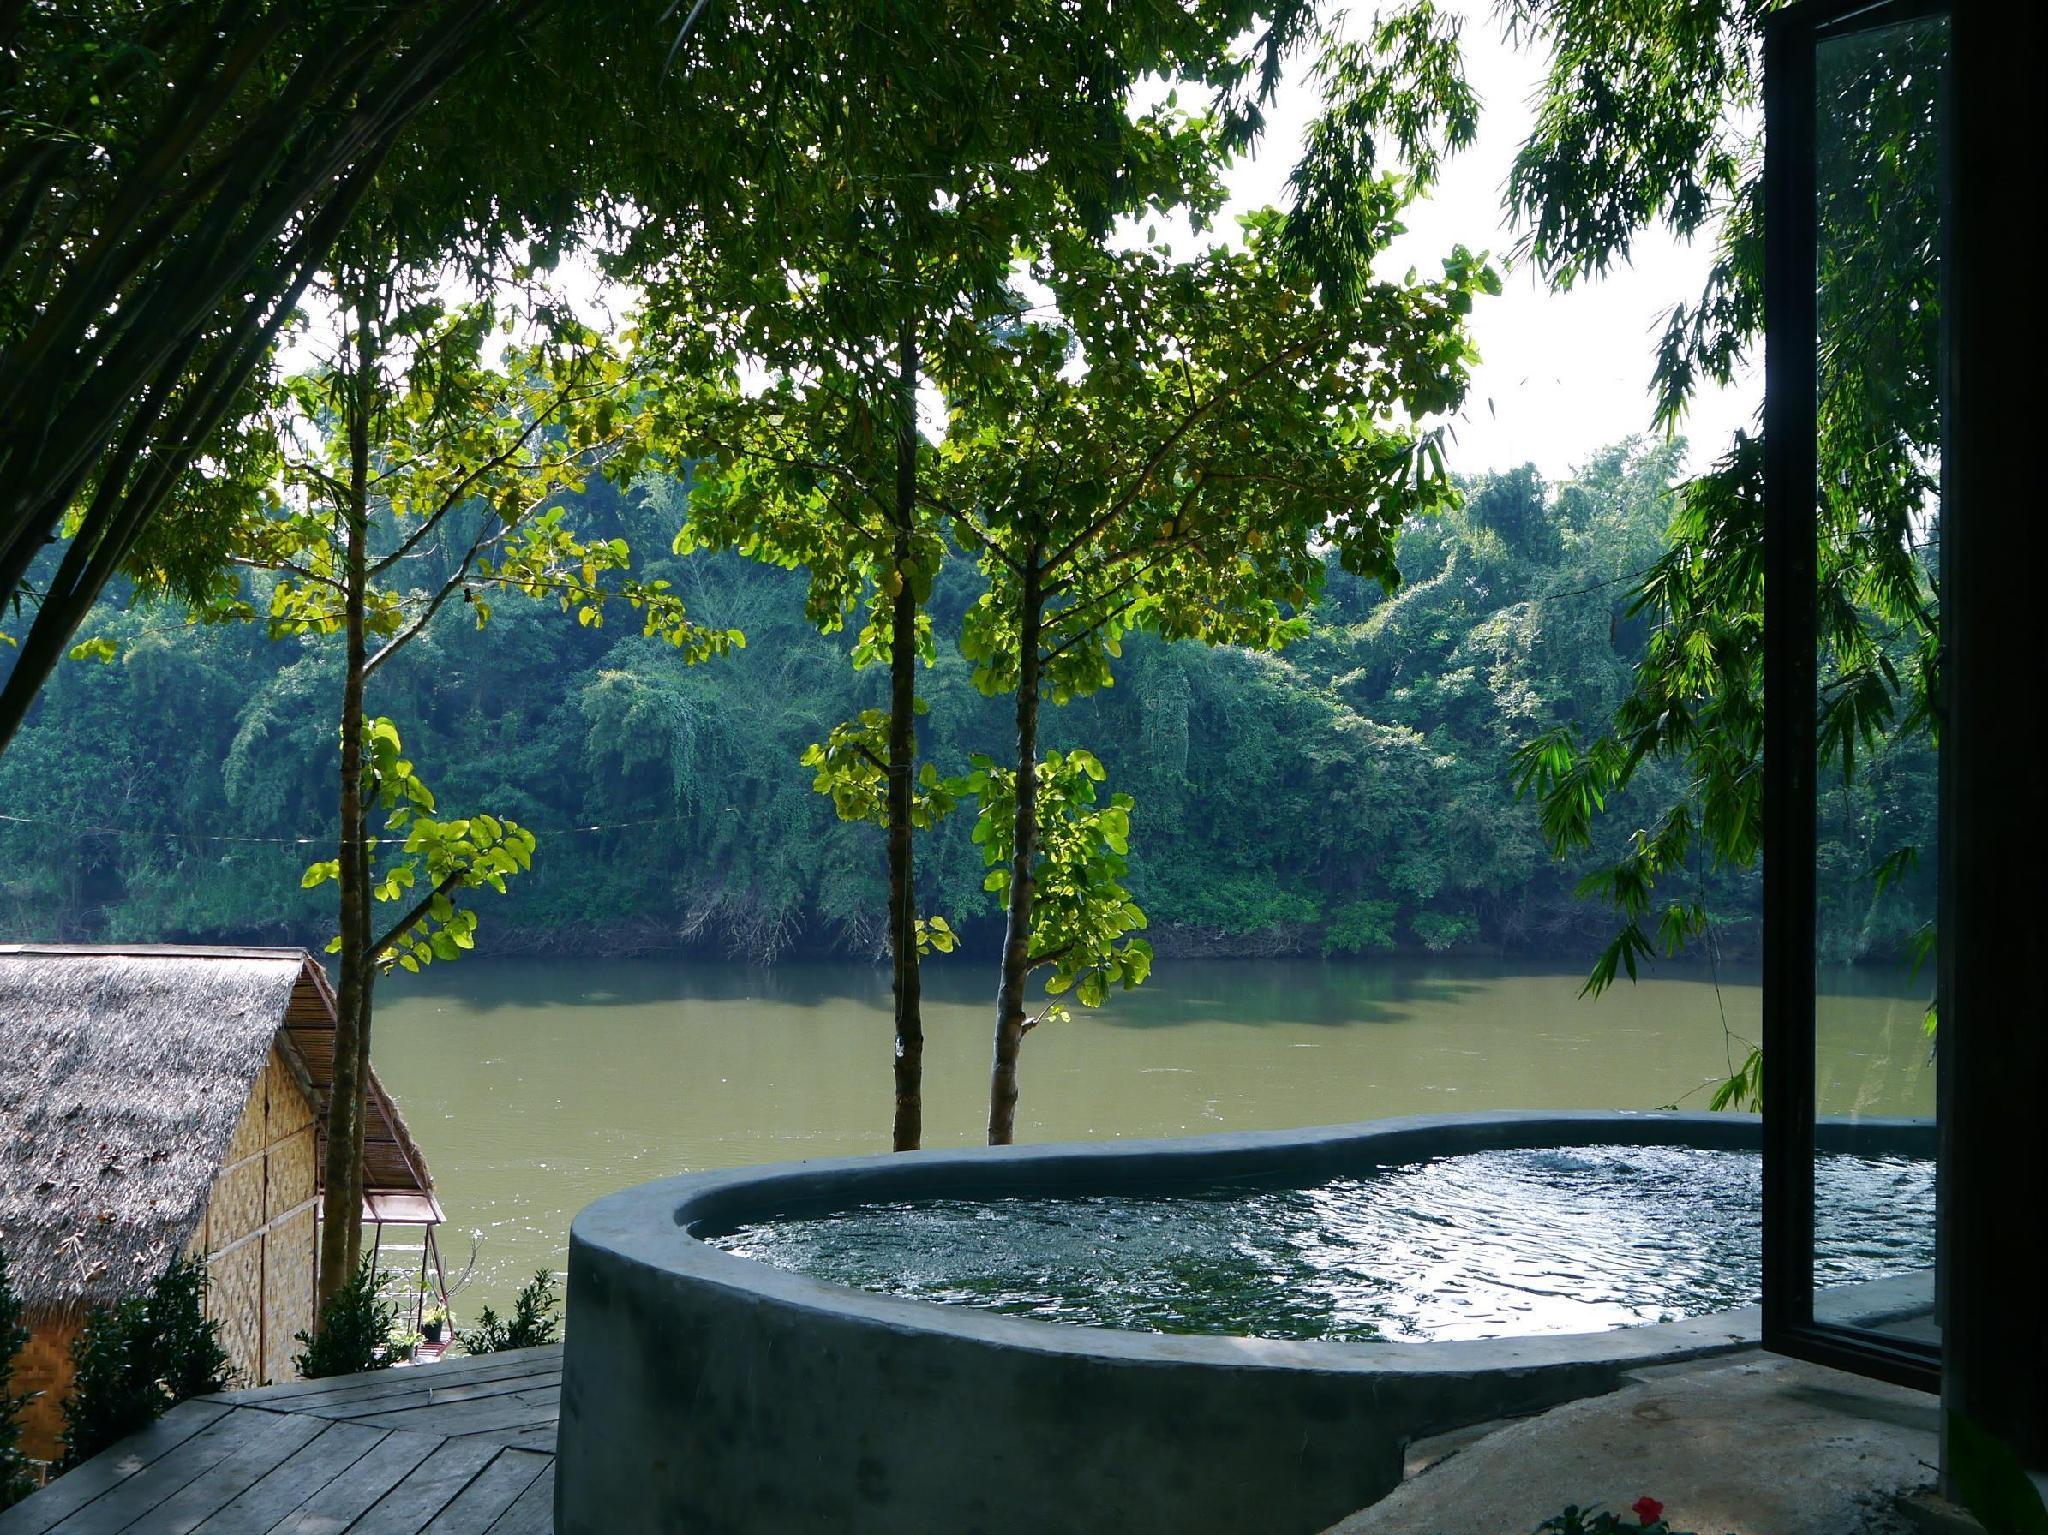 Tayan Resort and Spa ทายัน รีสอร์ท แอนด์ สปา